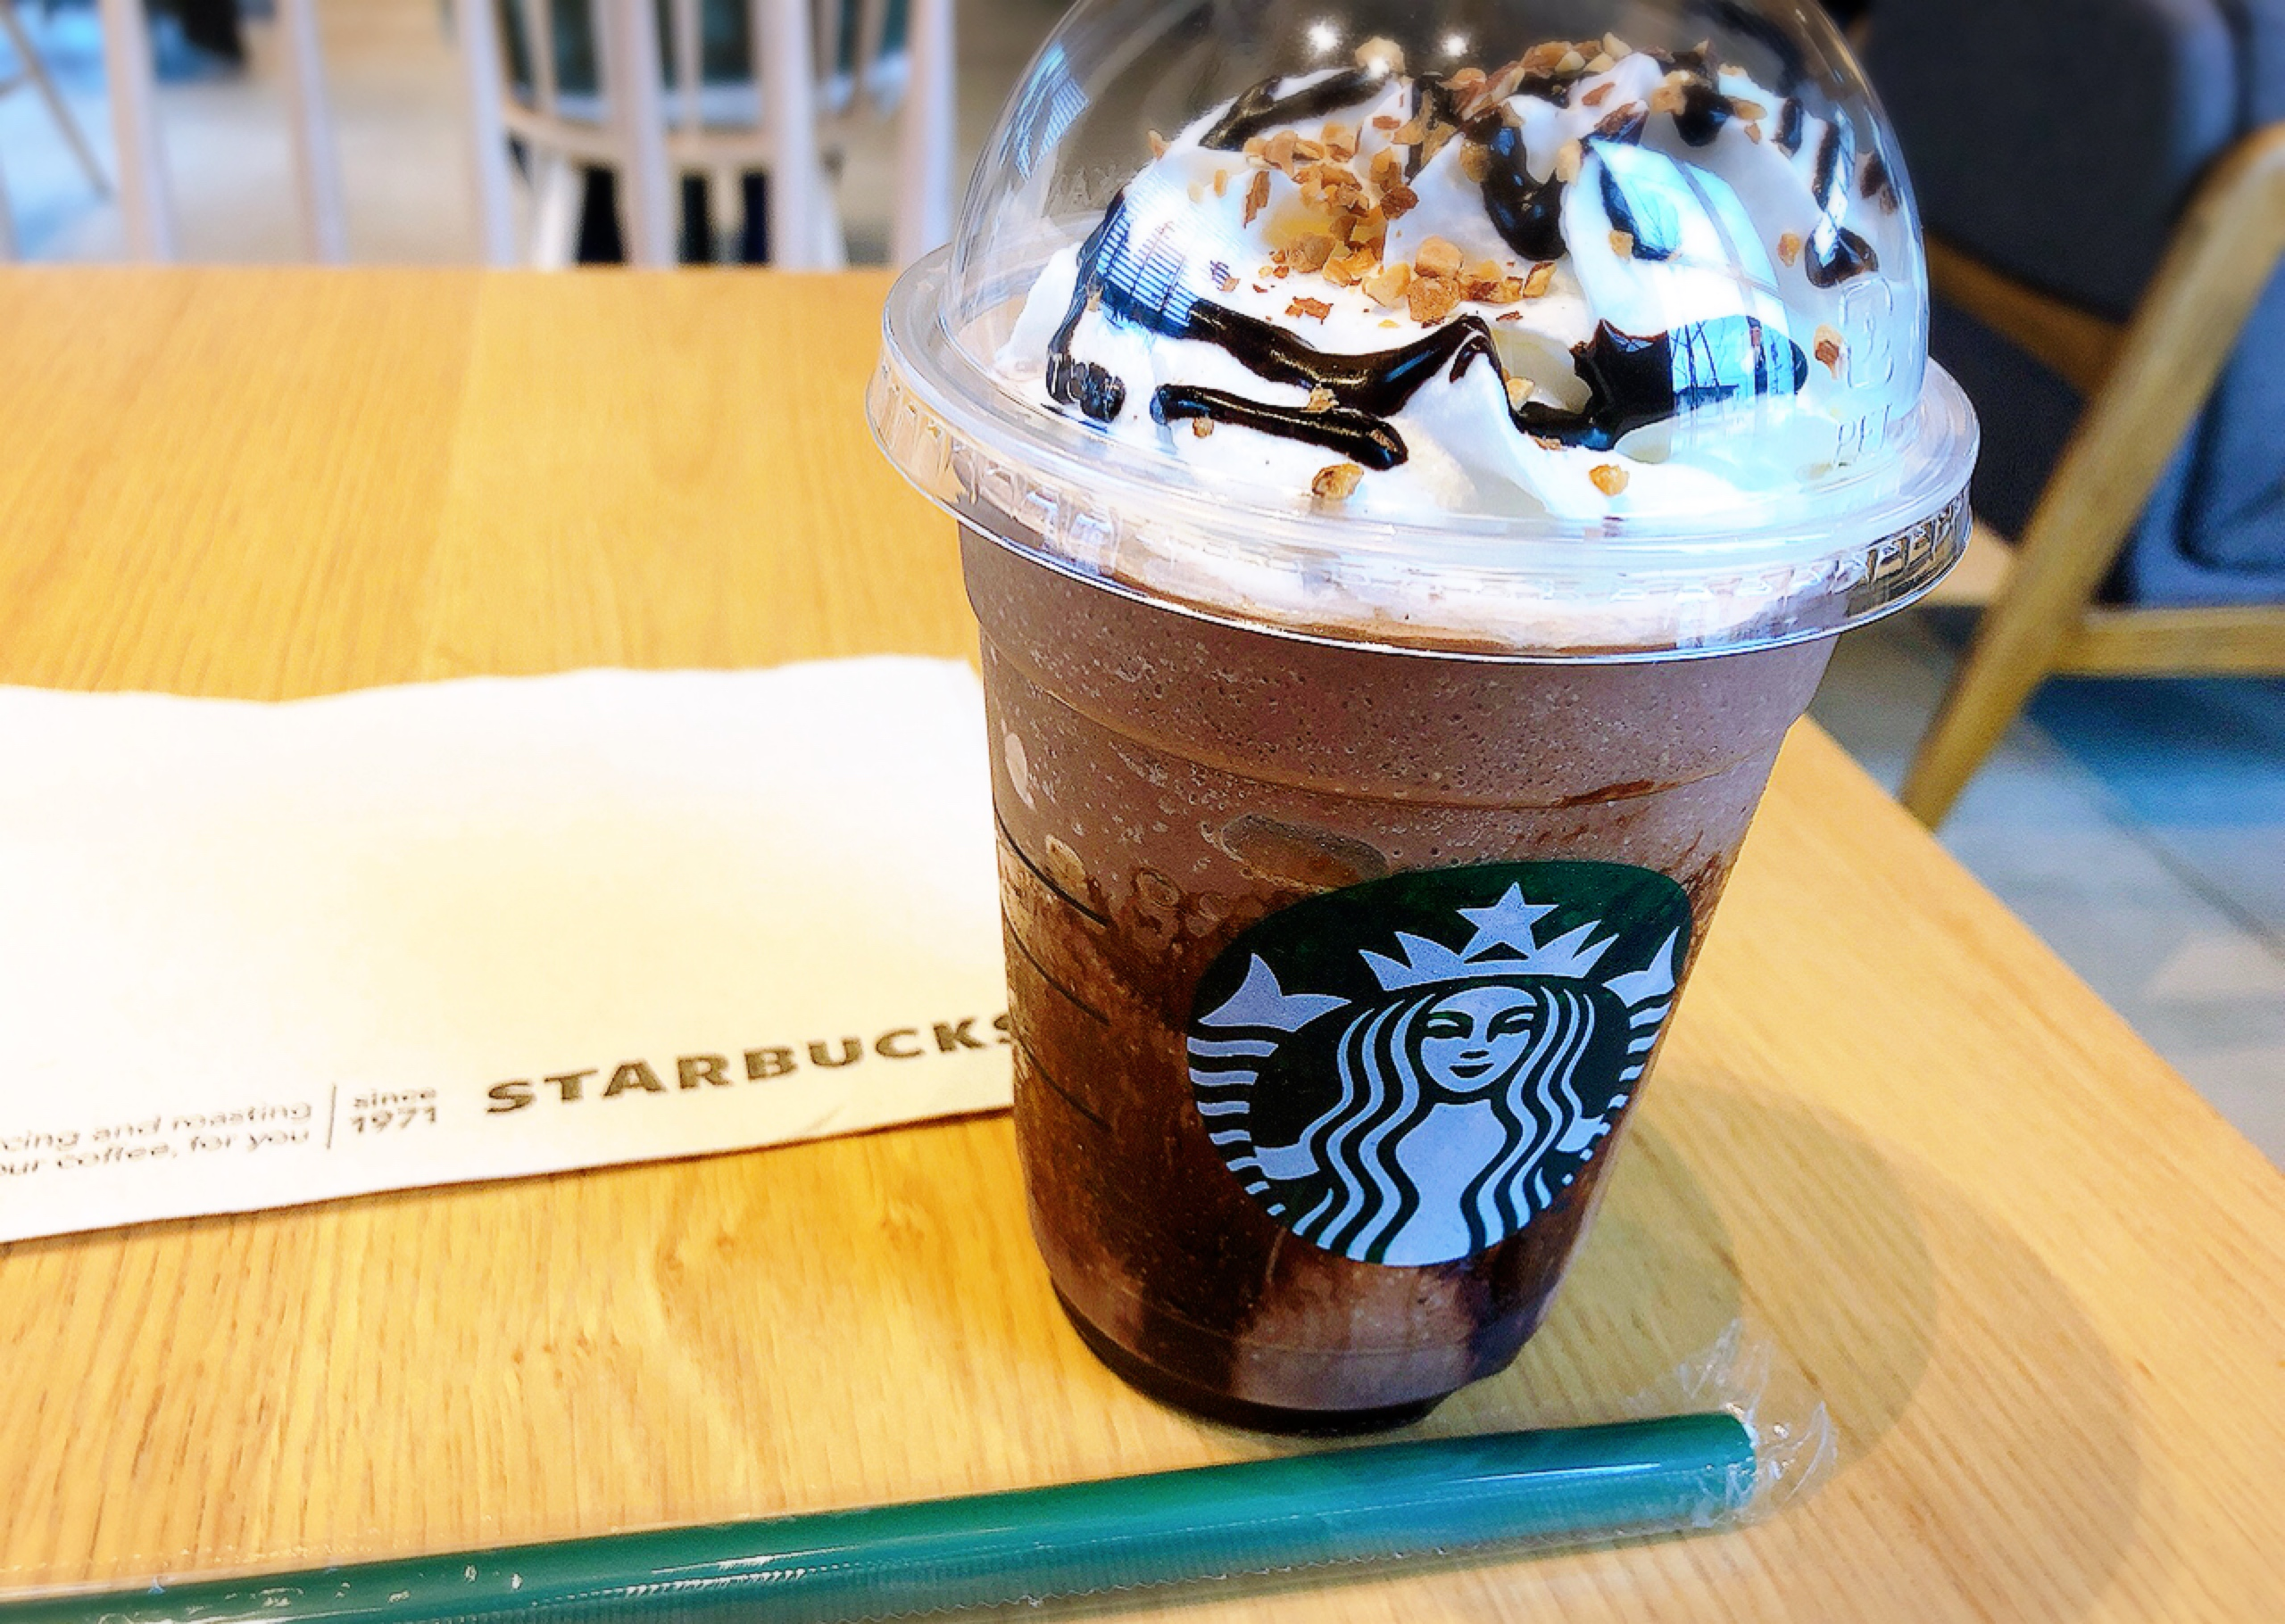 【#スタバ】本日1/17〜☆!チョコレート×アーモンド( ´ ▽ ` )♡新作のフラペチーノをいただいてきました♩_3